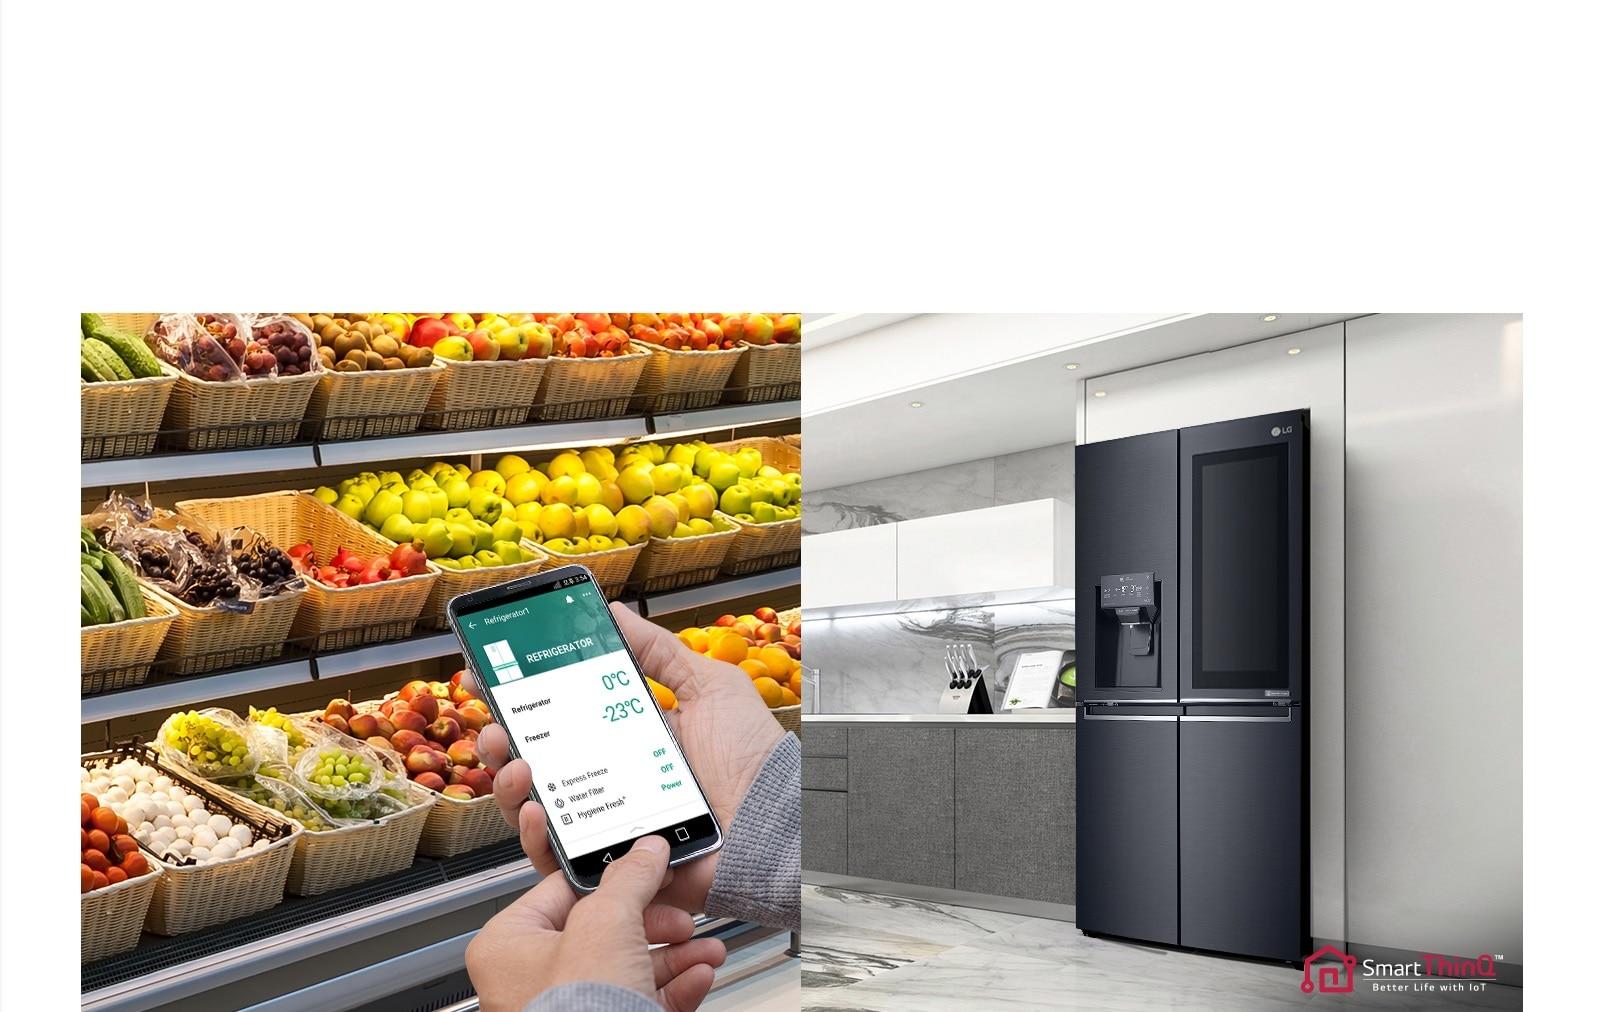 ضبط إعدادات الثلاجة عن بُعد1